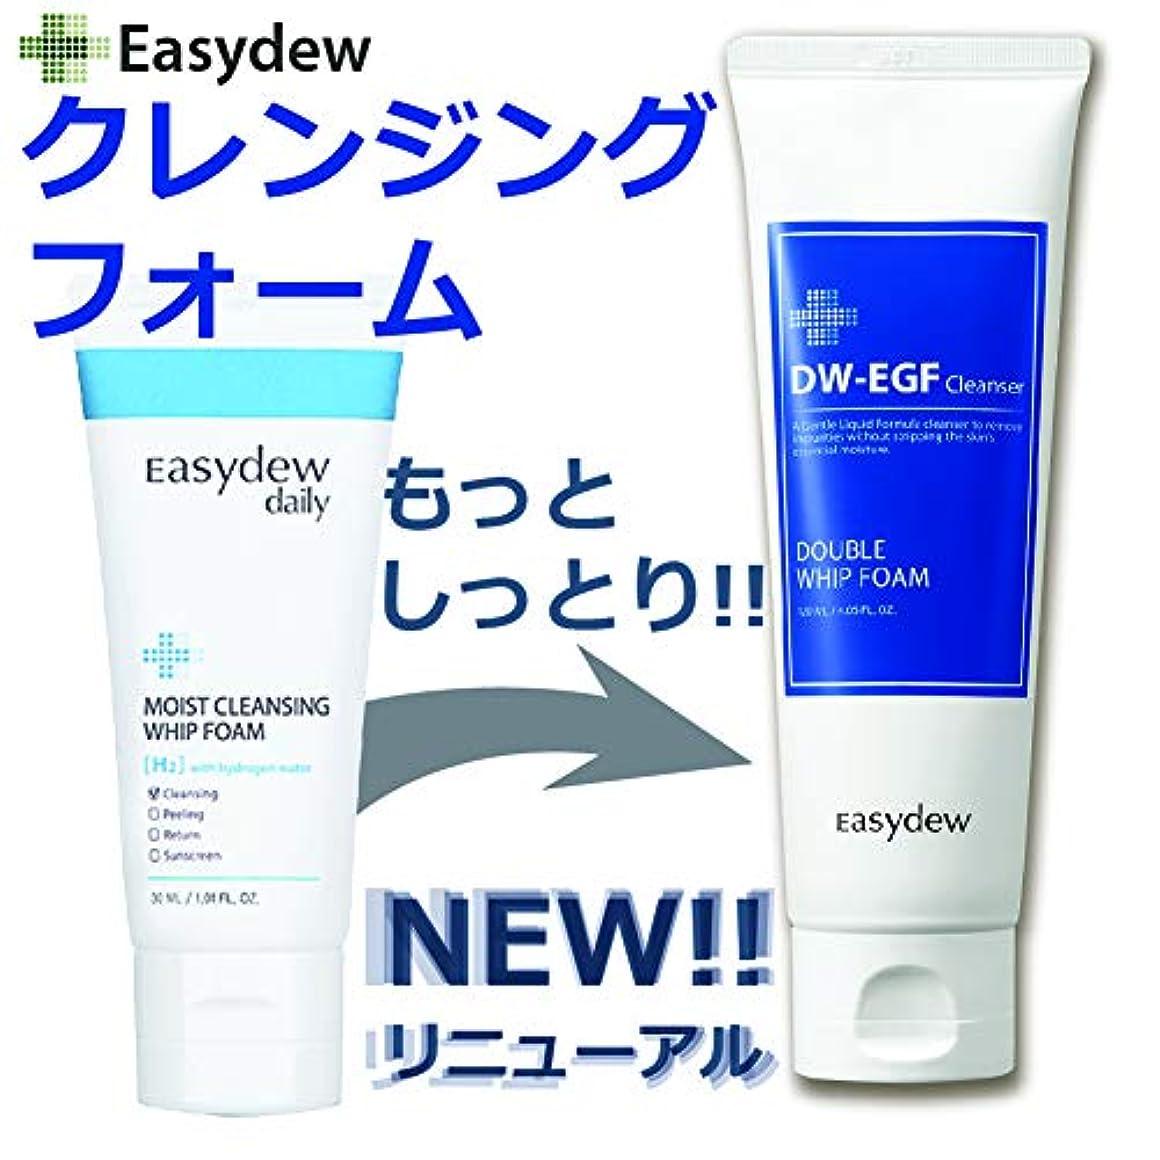 起訴する住む侵略EASYDEW DW-EGF ダブル ホイップ フォーム 120ml EASYDEW DW Double Cleansing Whip Foam120ml